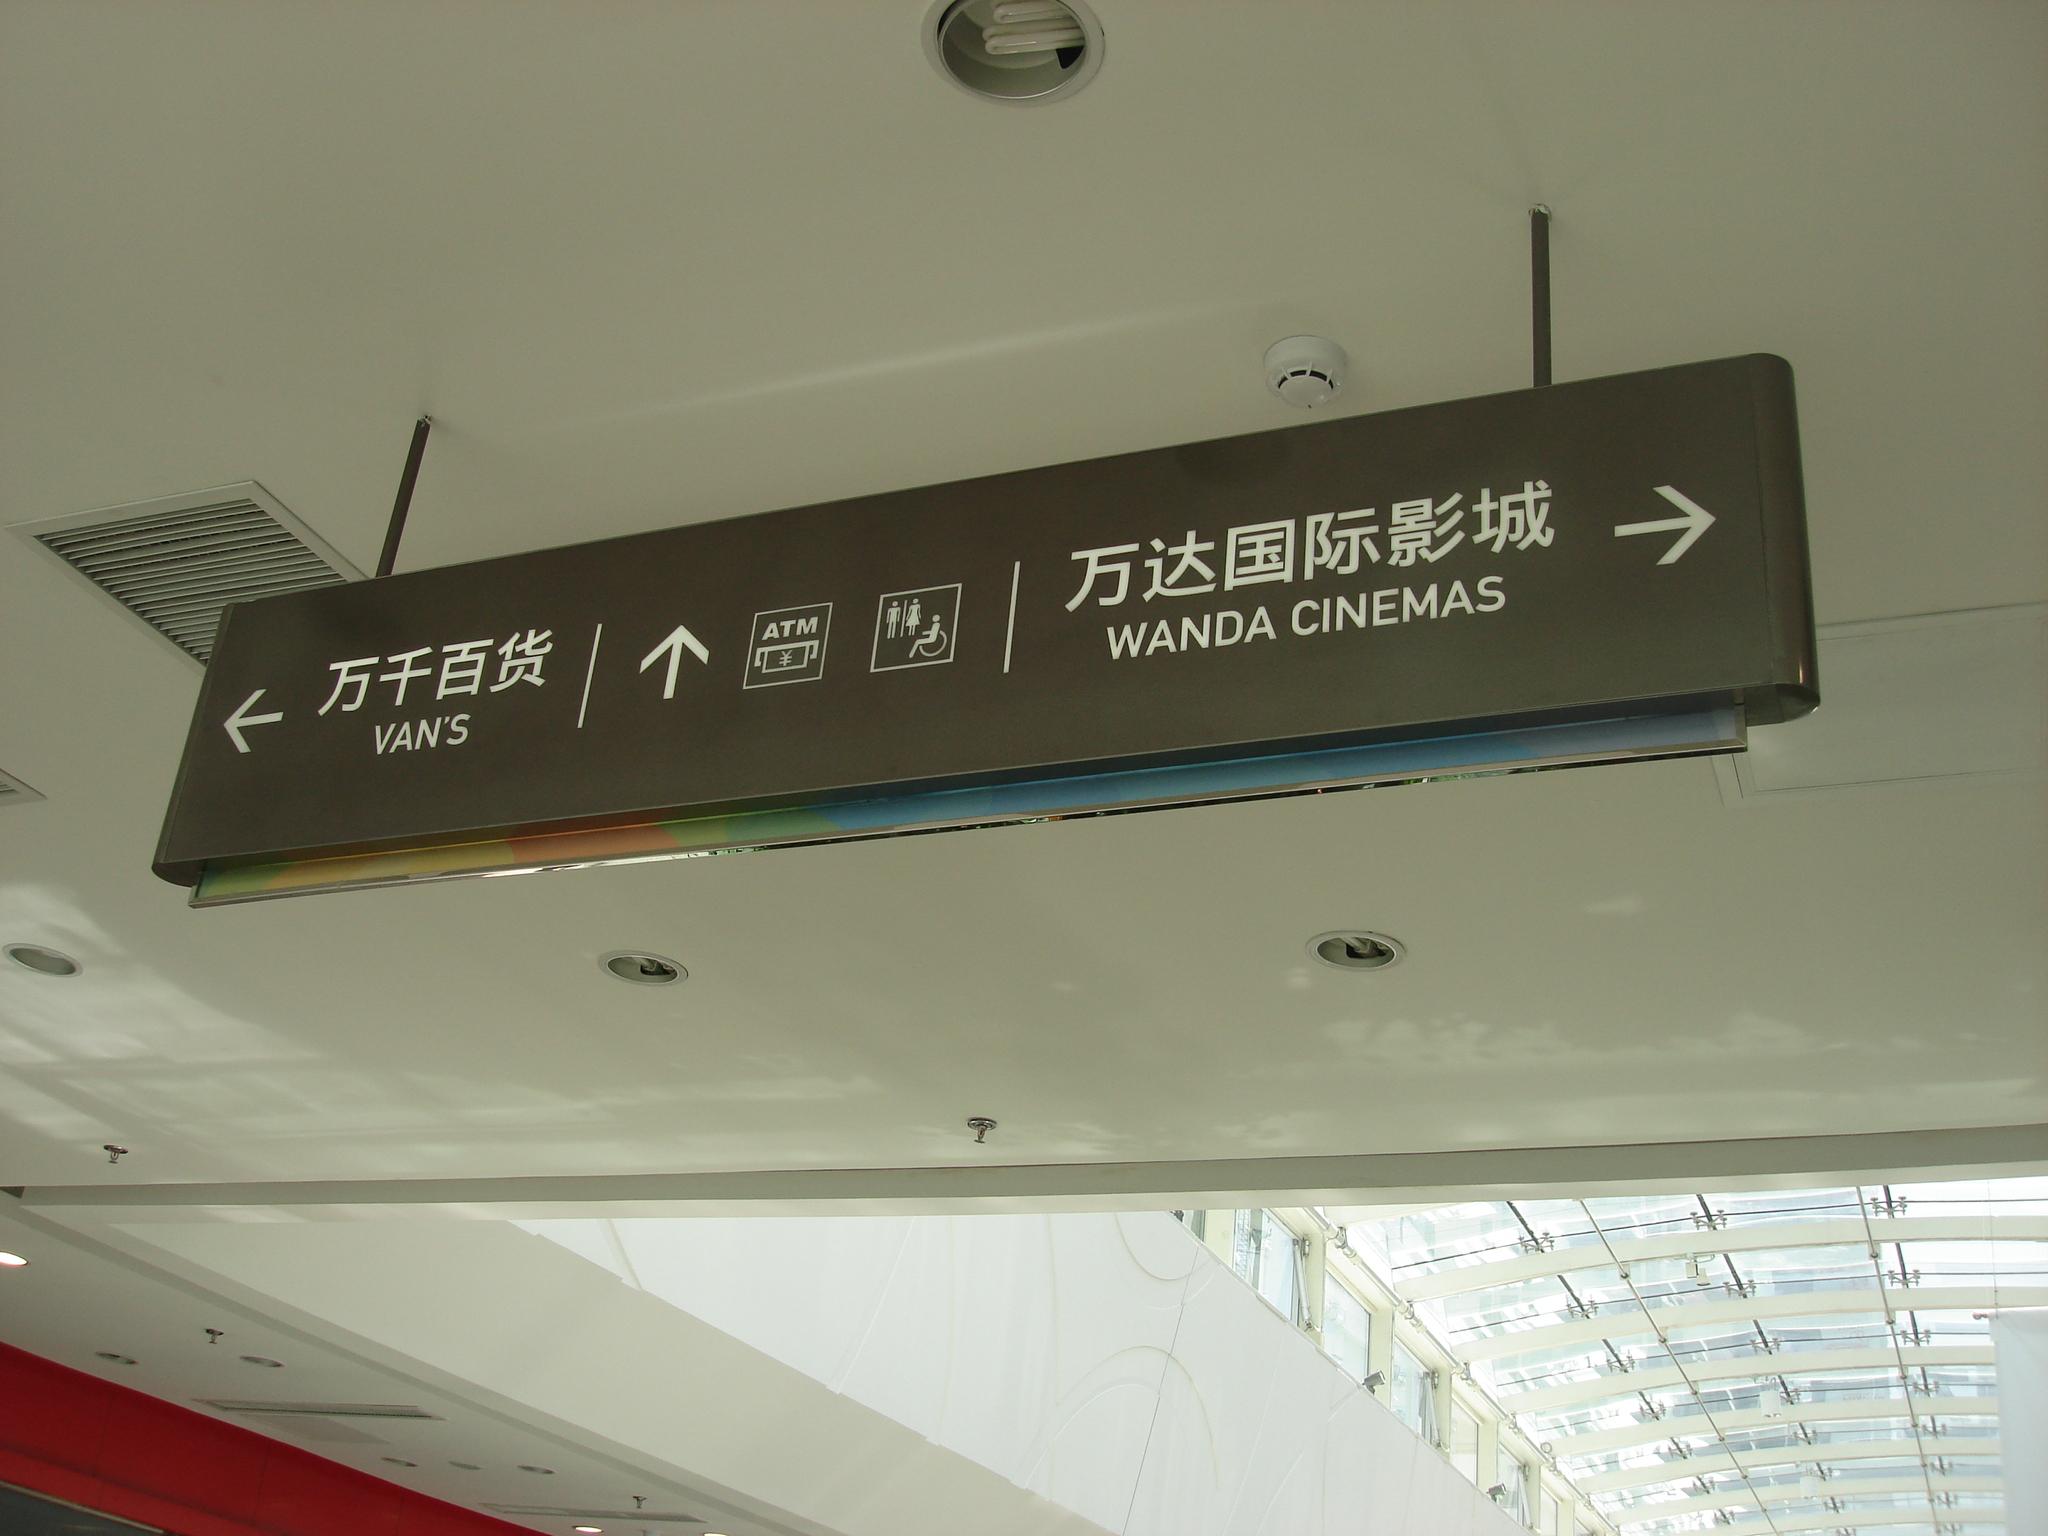 西安吊牌灯箱制作,西安专业制作吊牌灯箱,西安商场吊牌灯箱  4,接线